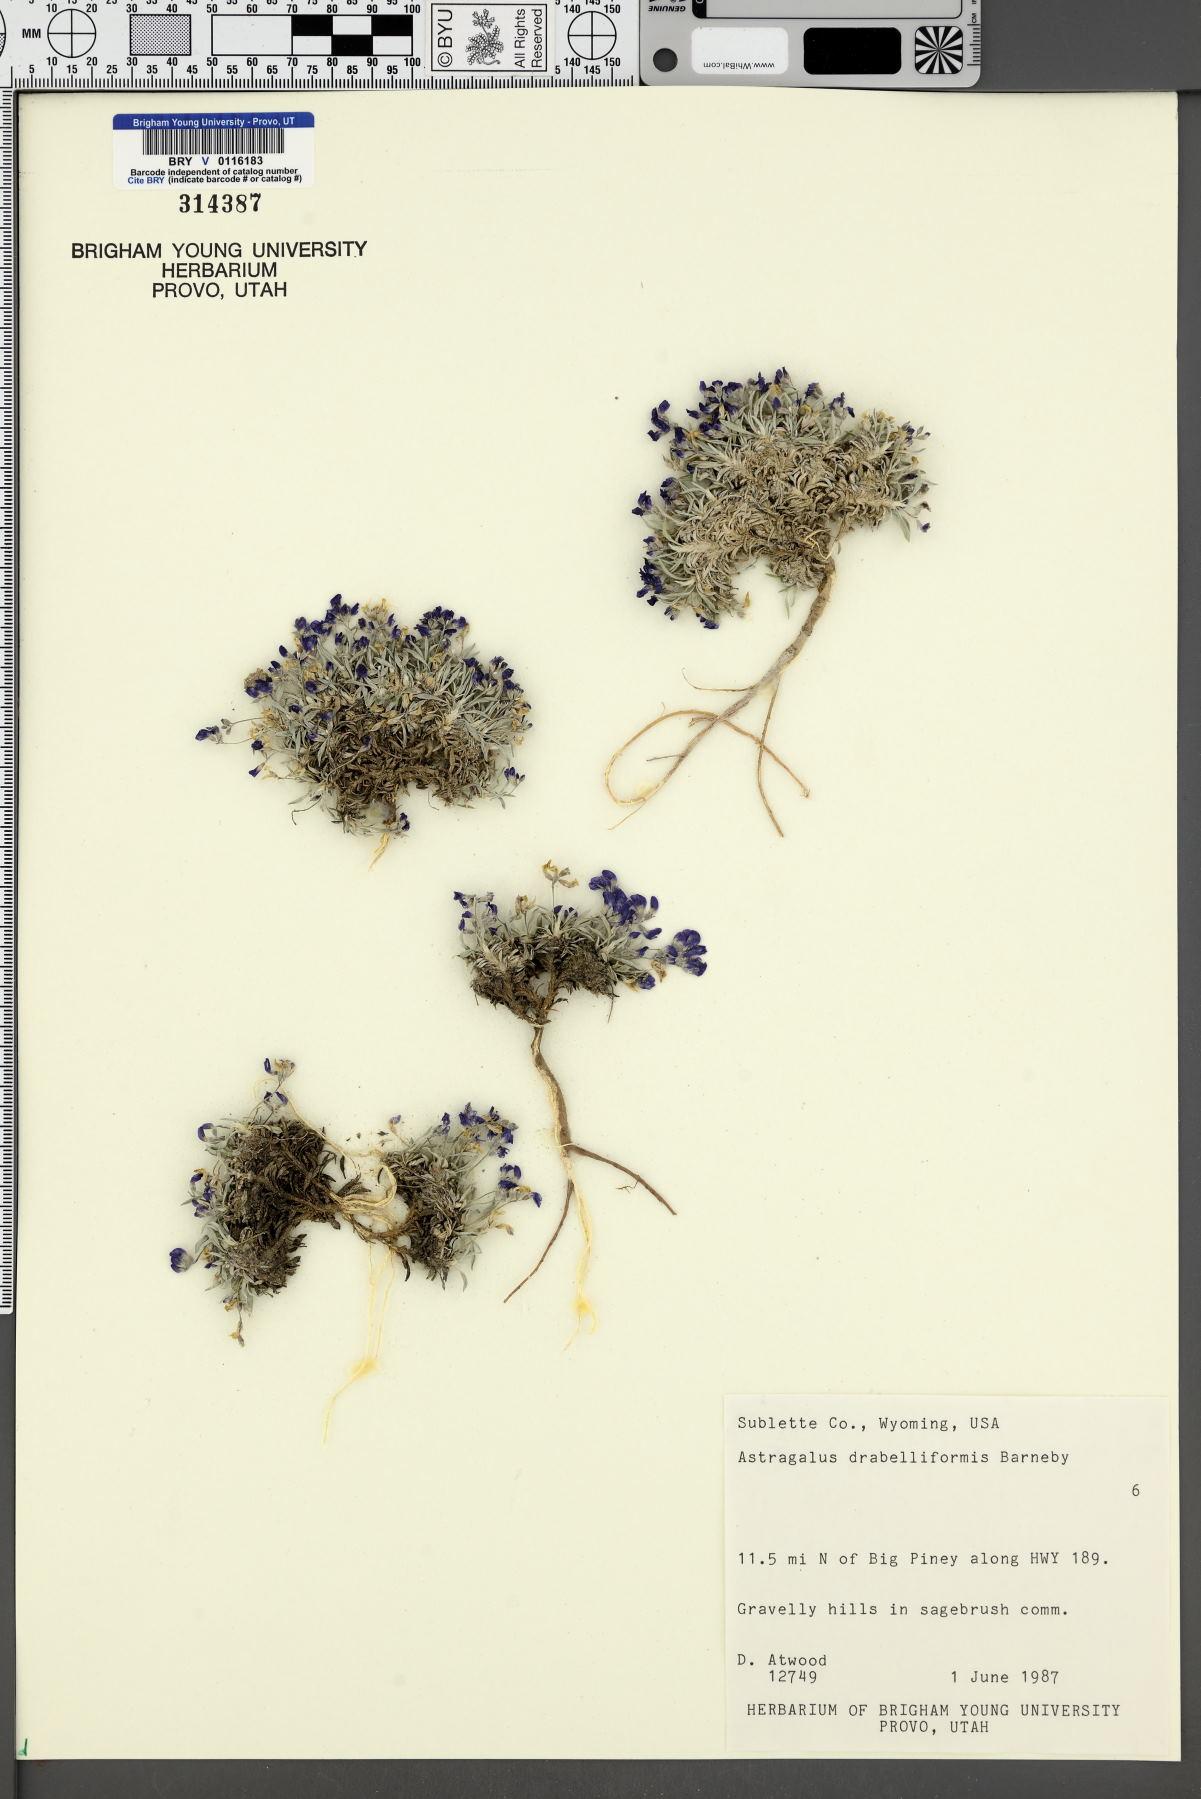 Astragalus drabelliformis image